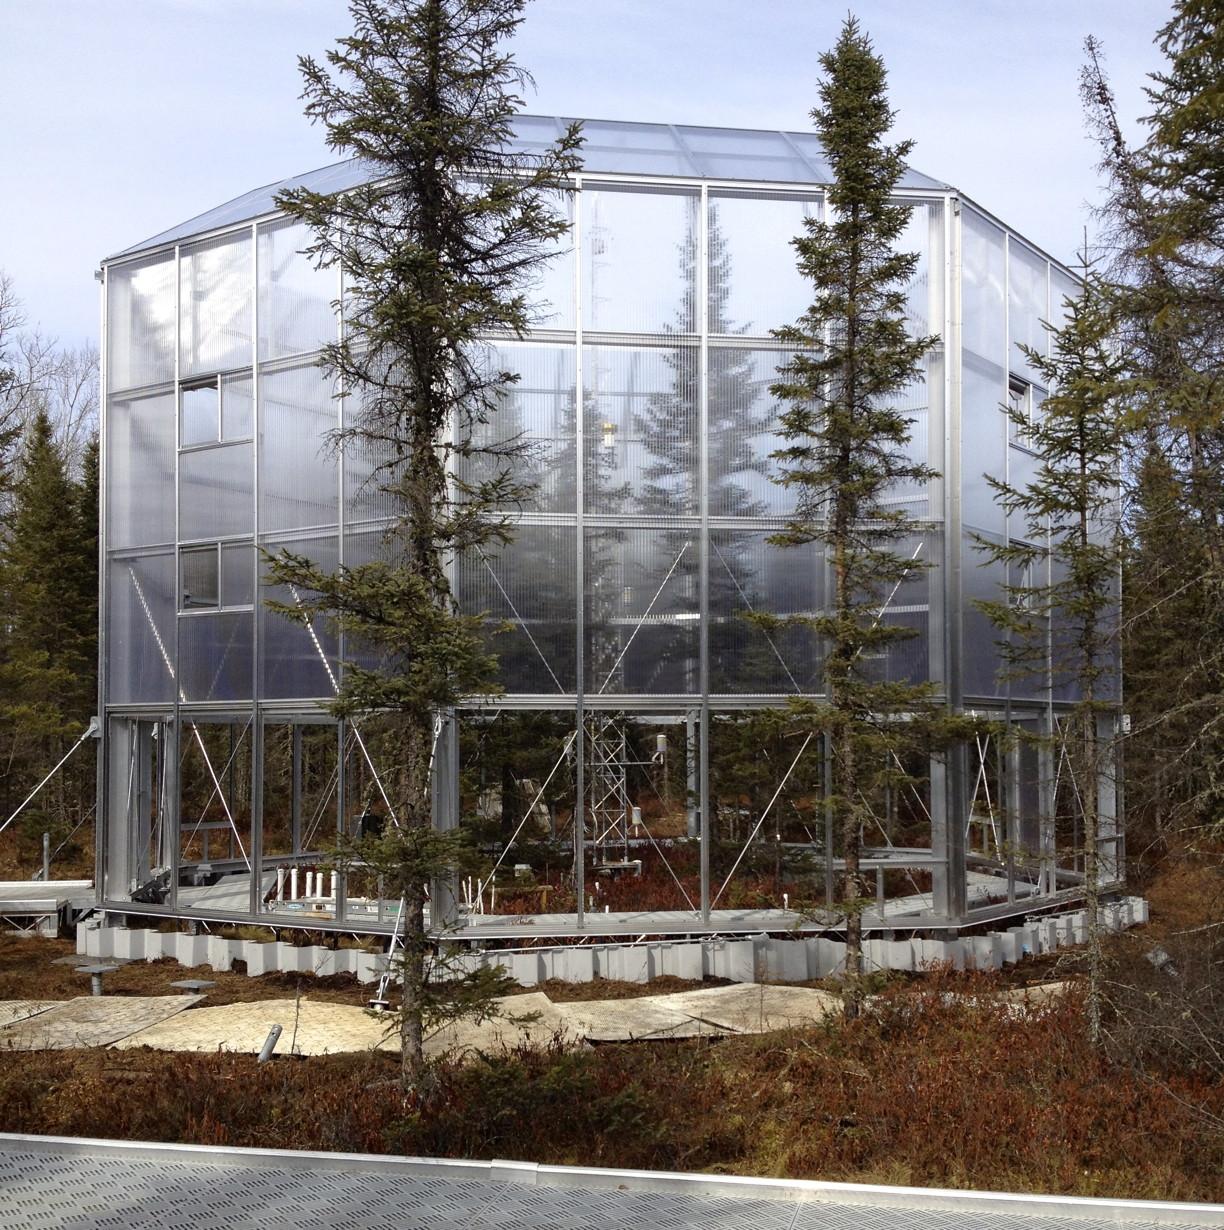 Plot 19 enclosure